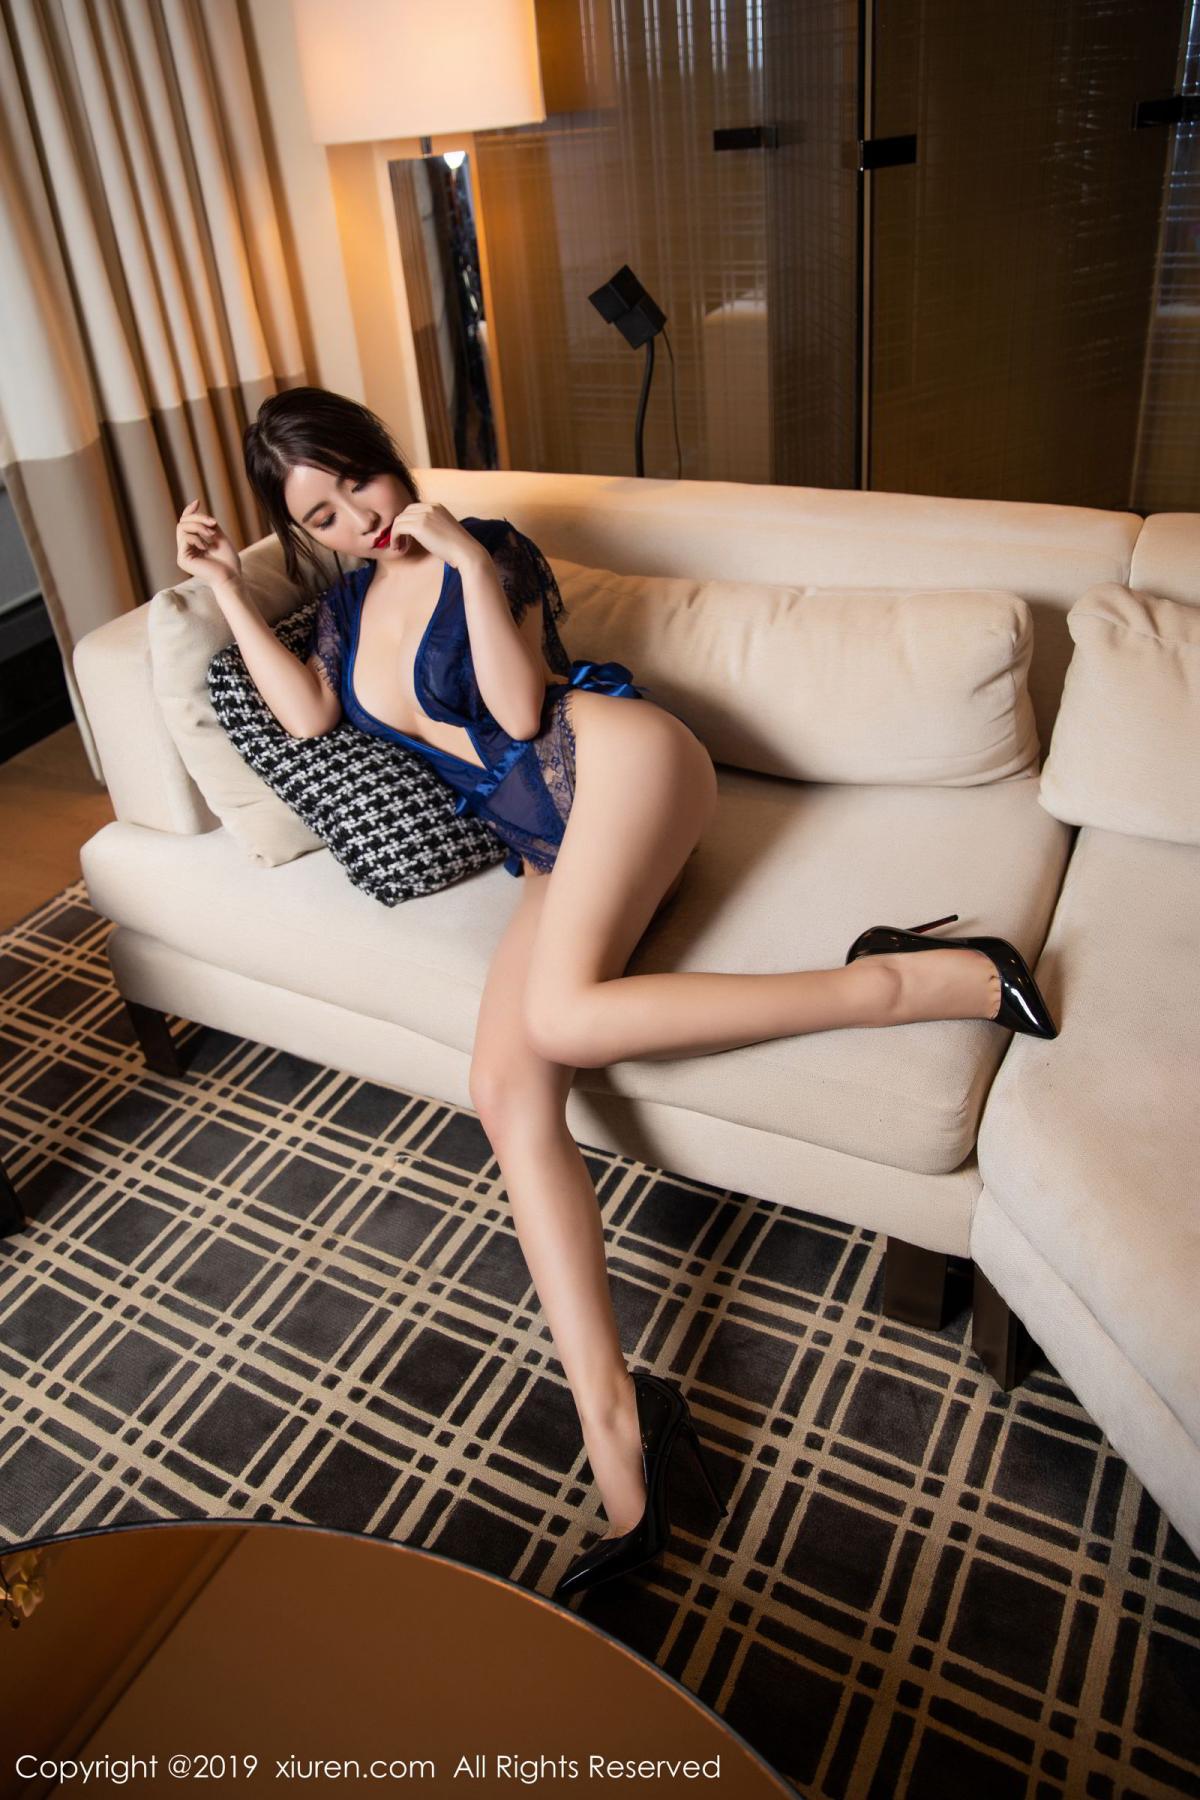 [XiuRen] Vol.1589 Xie Zhi Xin 29P, Sexy, Underwear, Xie Zhi Xin, Xiuren